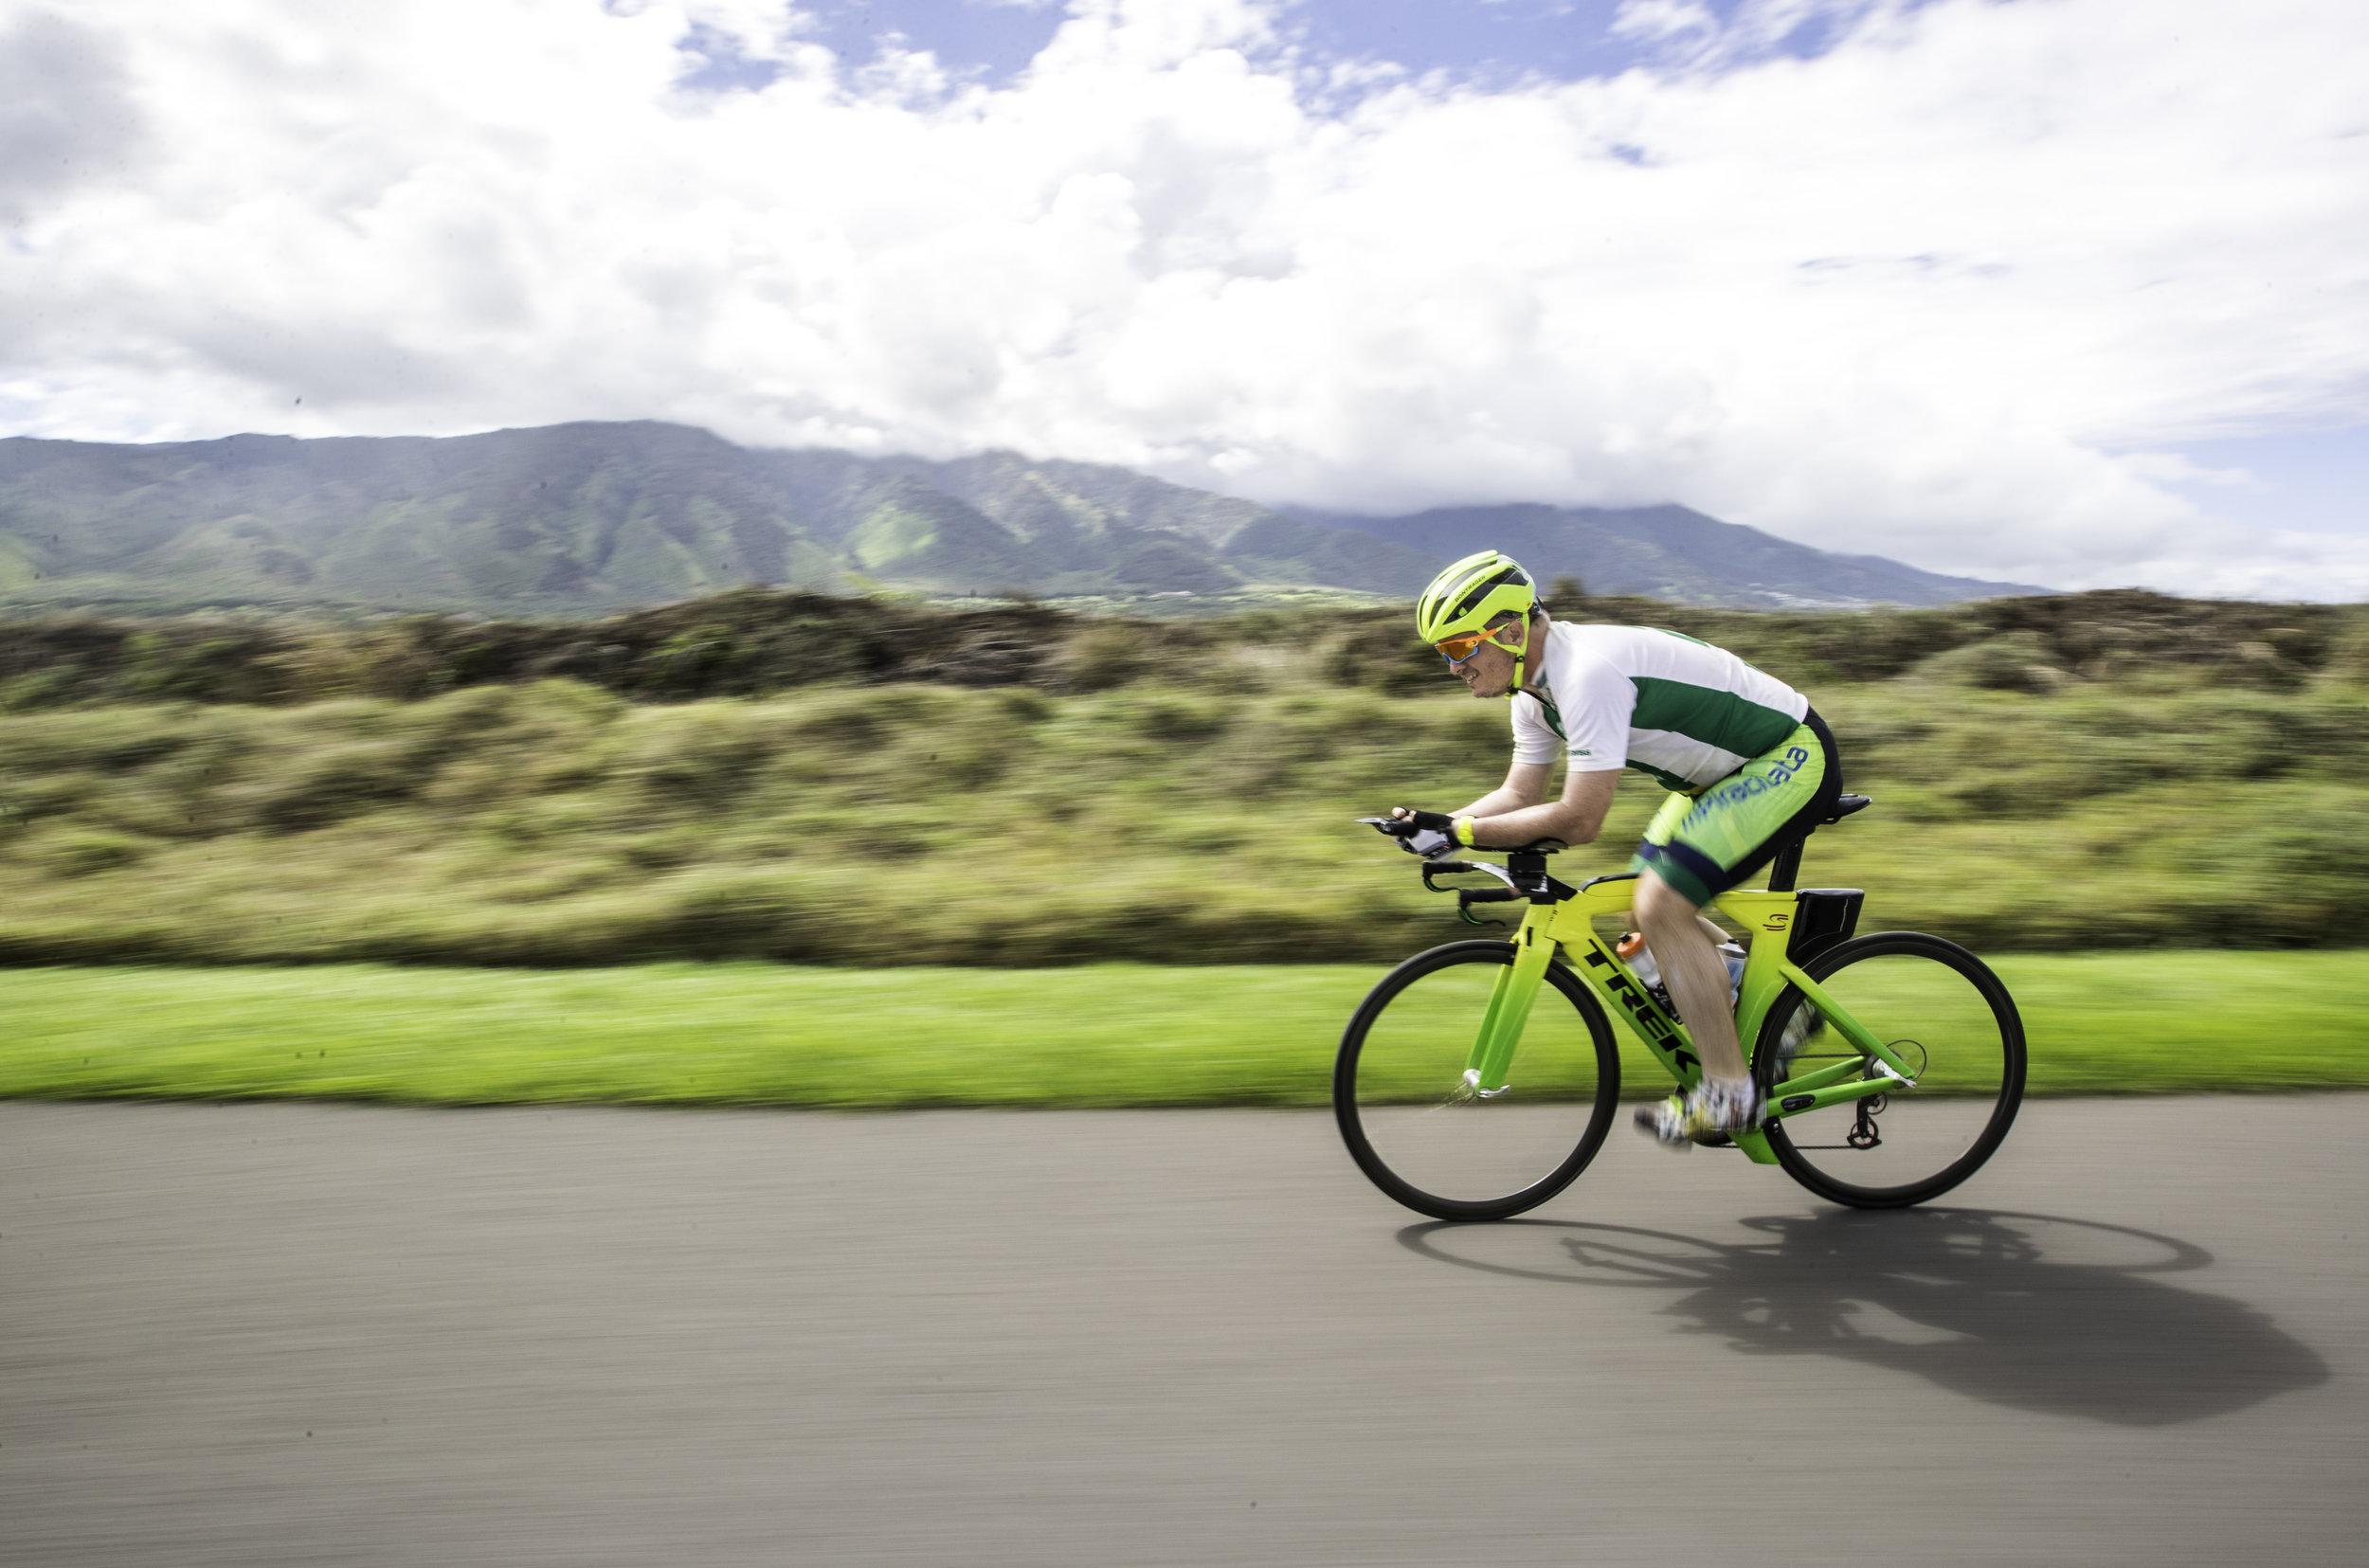 triathlon biking hawaii maui sports photographer